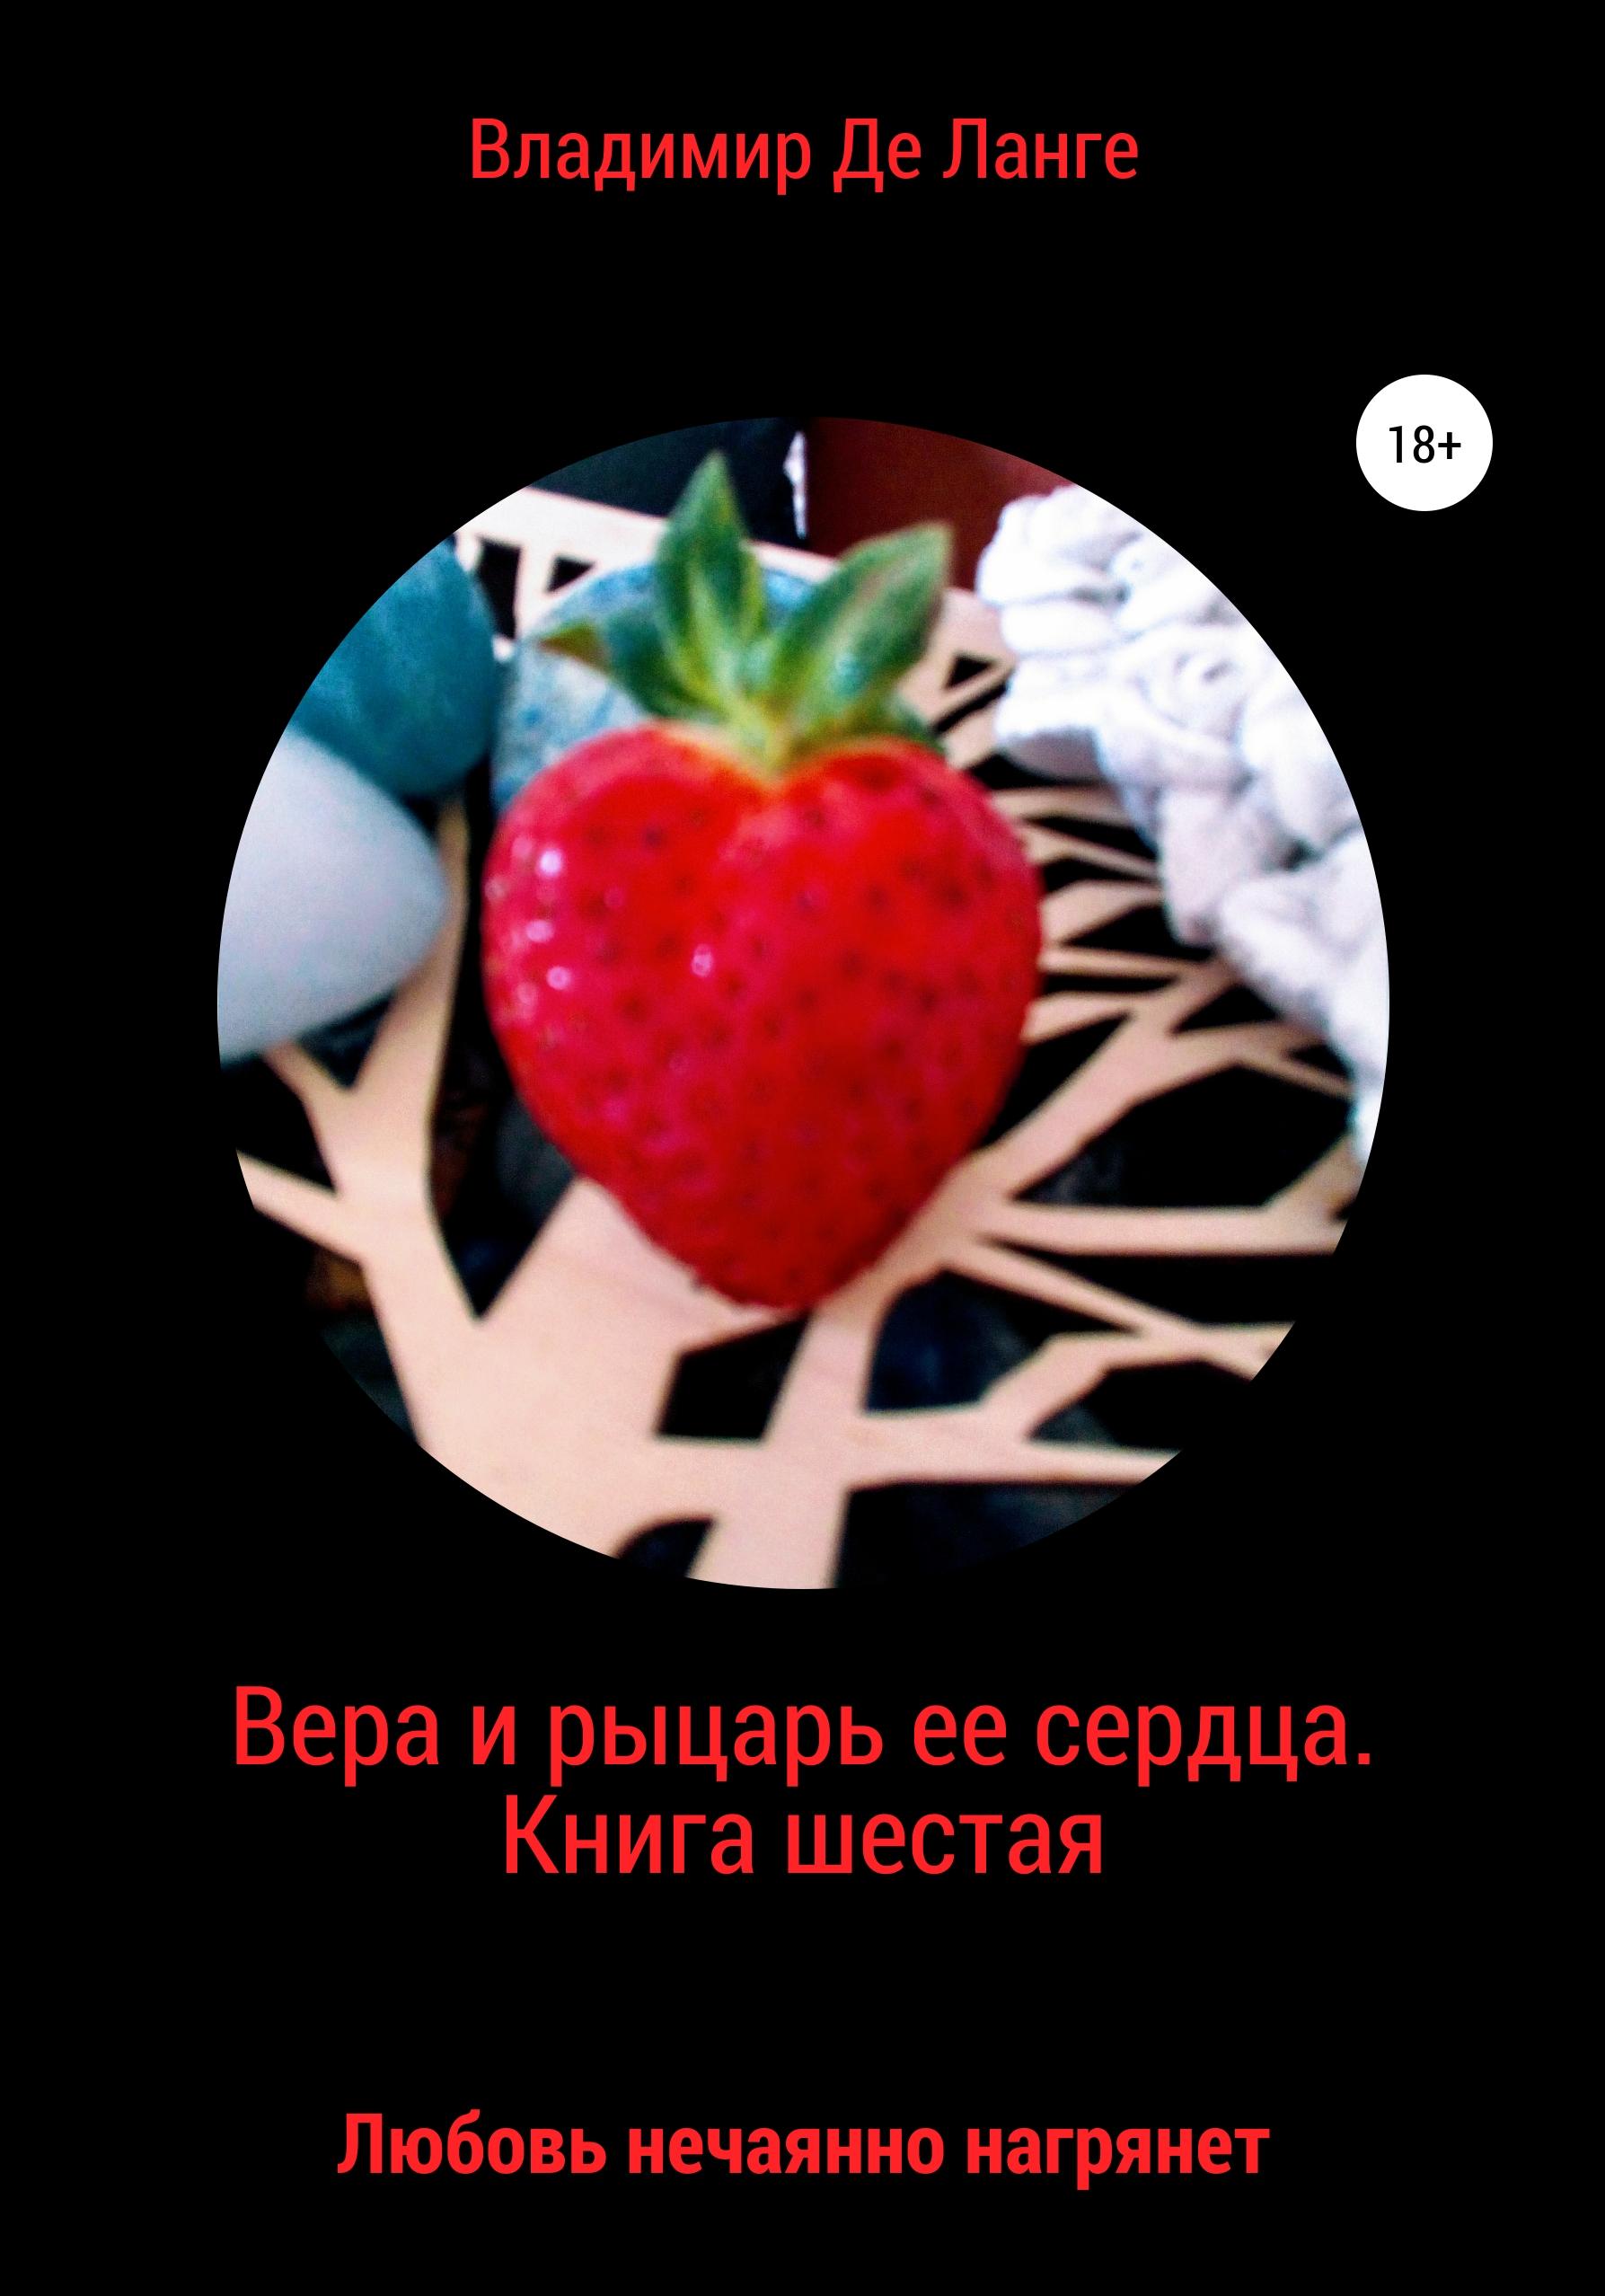 Купить книгу Вера и рыцарь ее сердца. Книга шестая. Любовь нечаянно нагрянет, автора Владимира Де Ланге